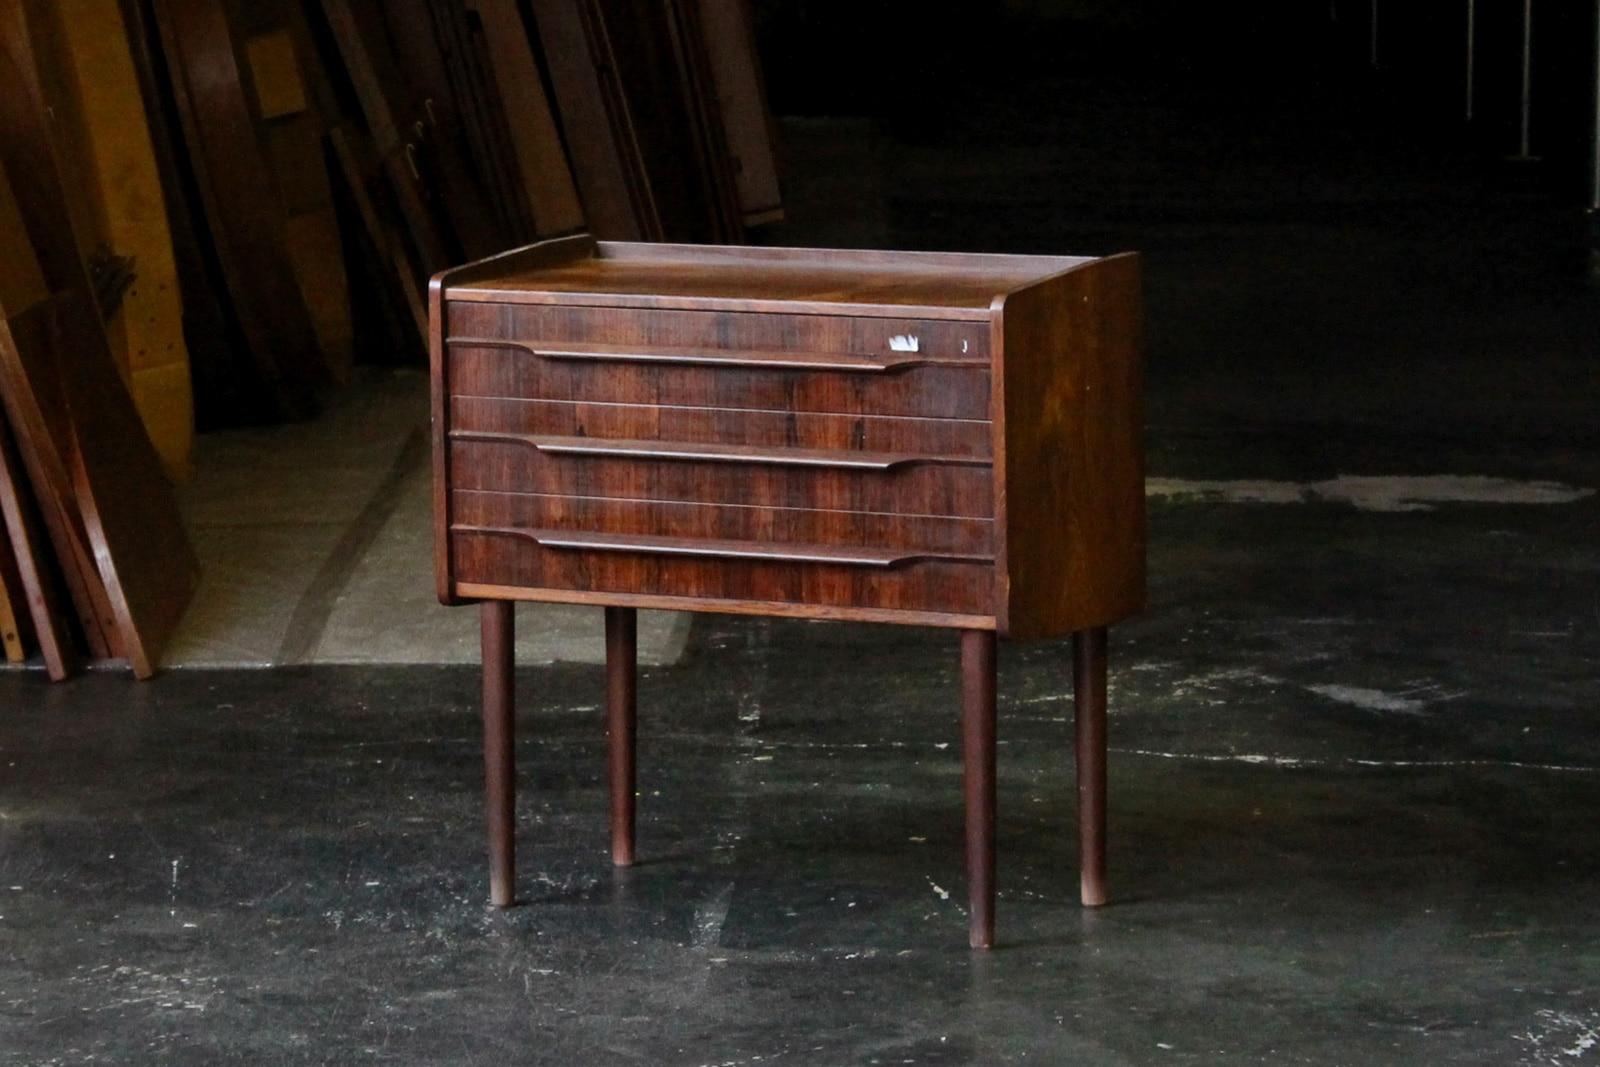 北欧,ミッドセンチュリー,家具,3段,チェスト,小さい,ローズウッド材